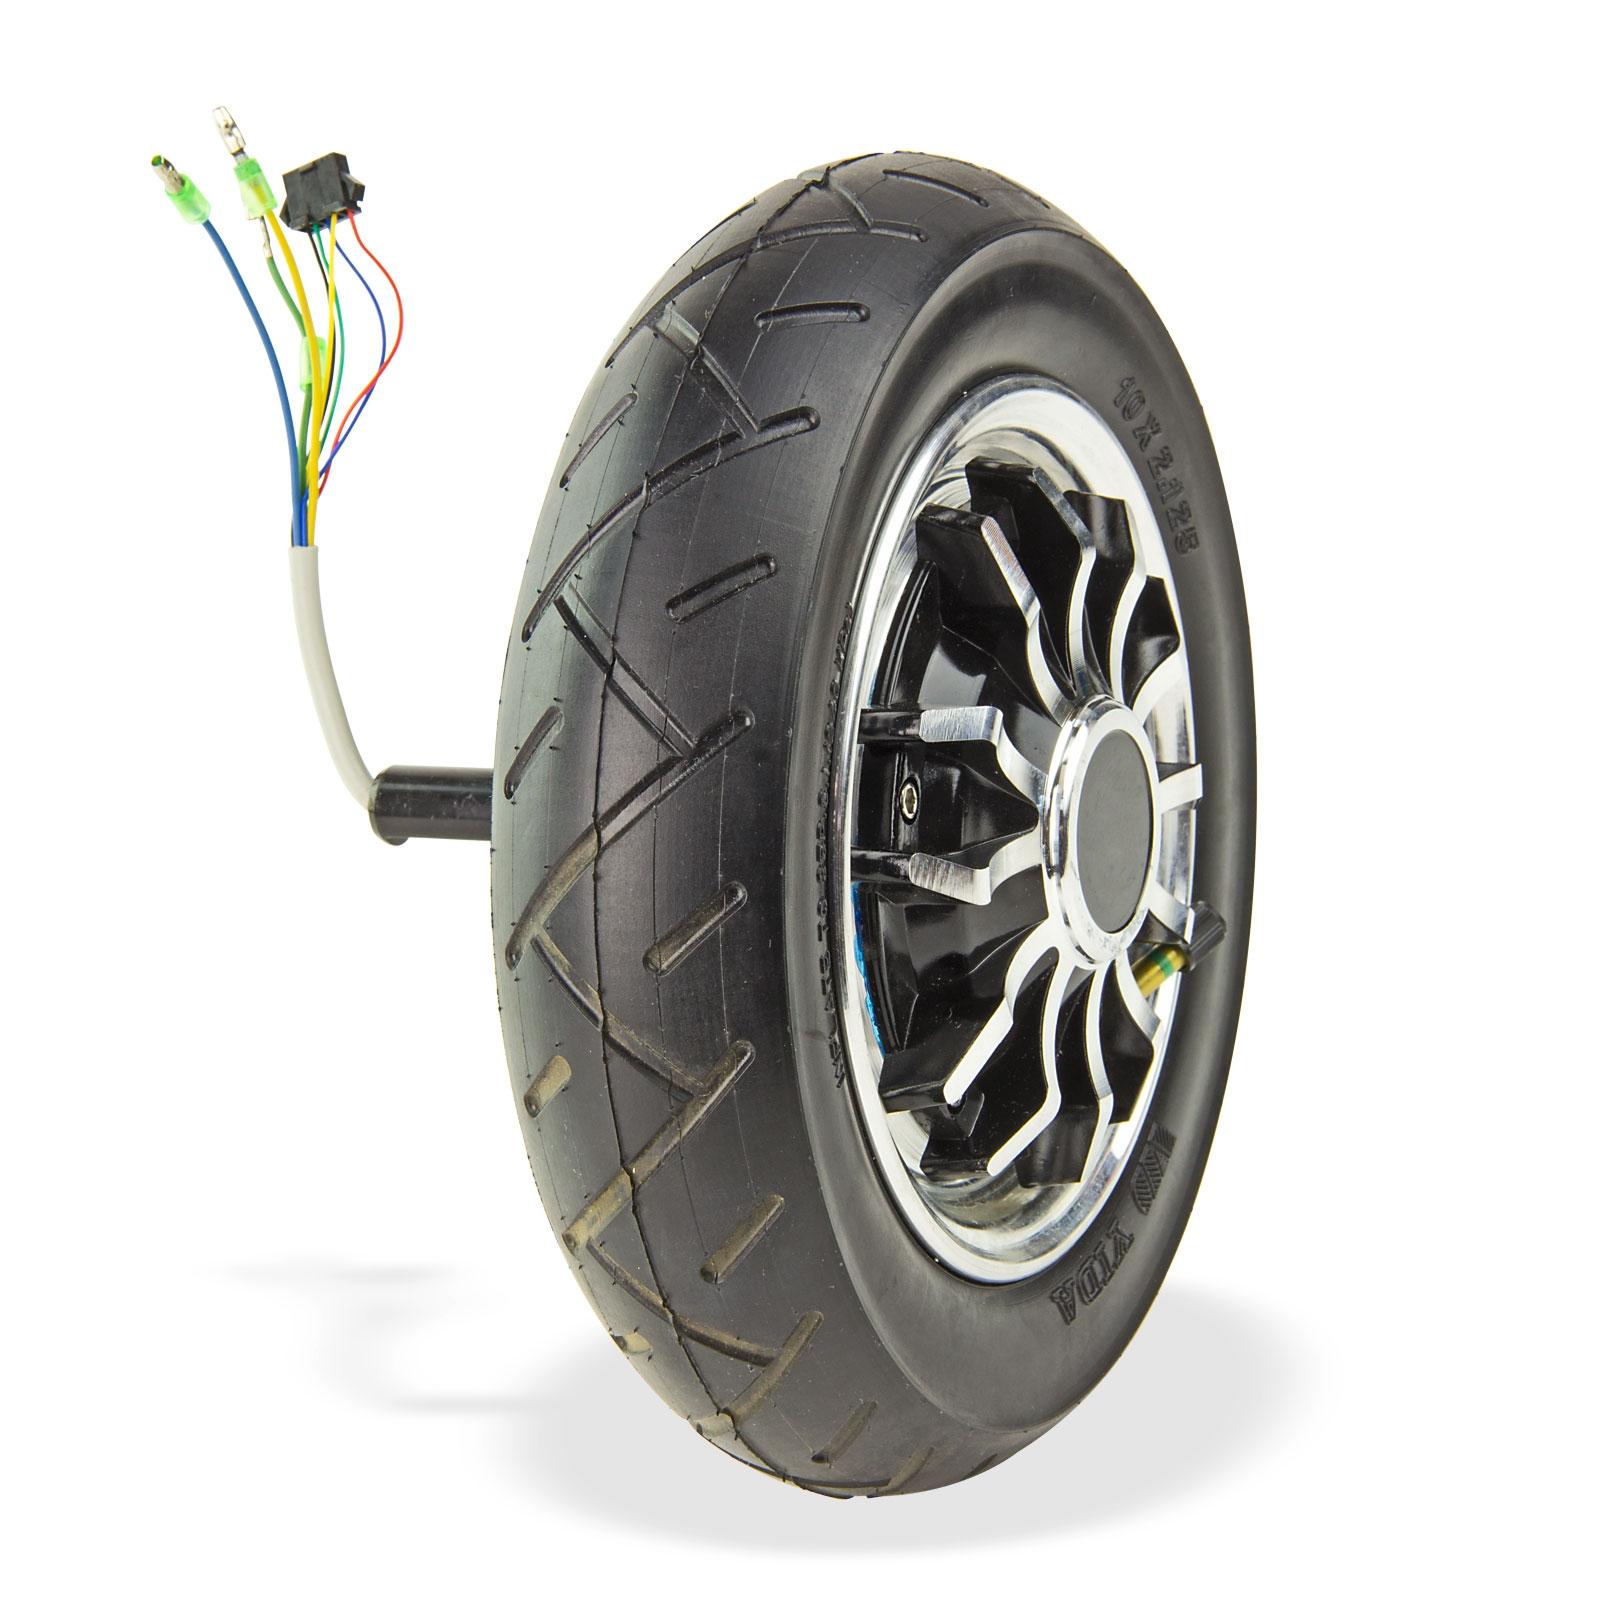 Dema Rad für Balance Scooter ZA11226